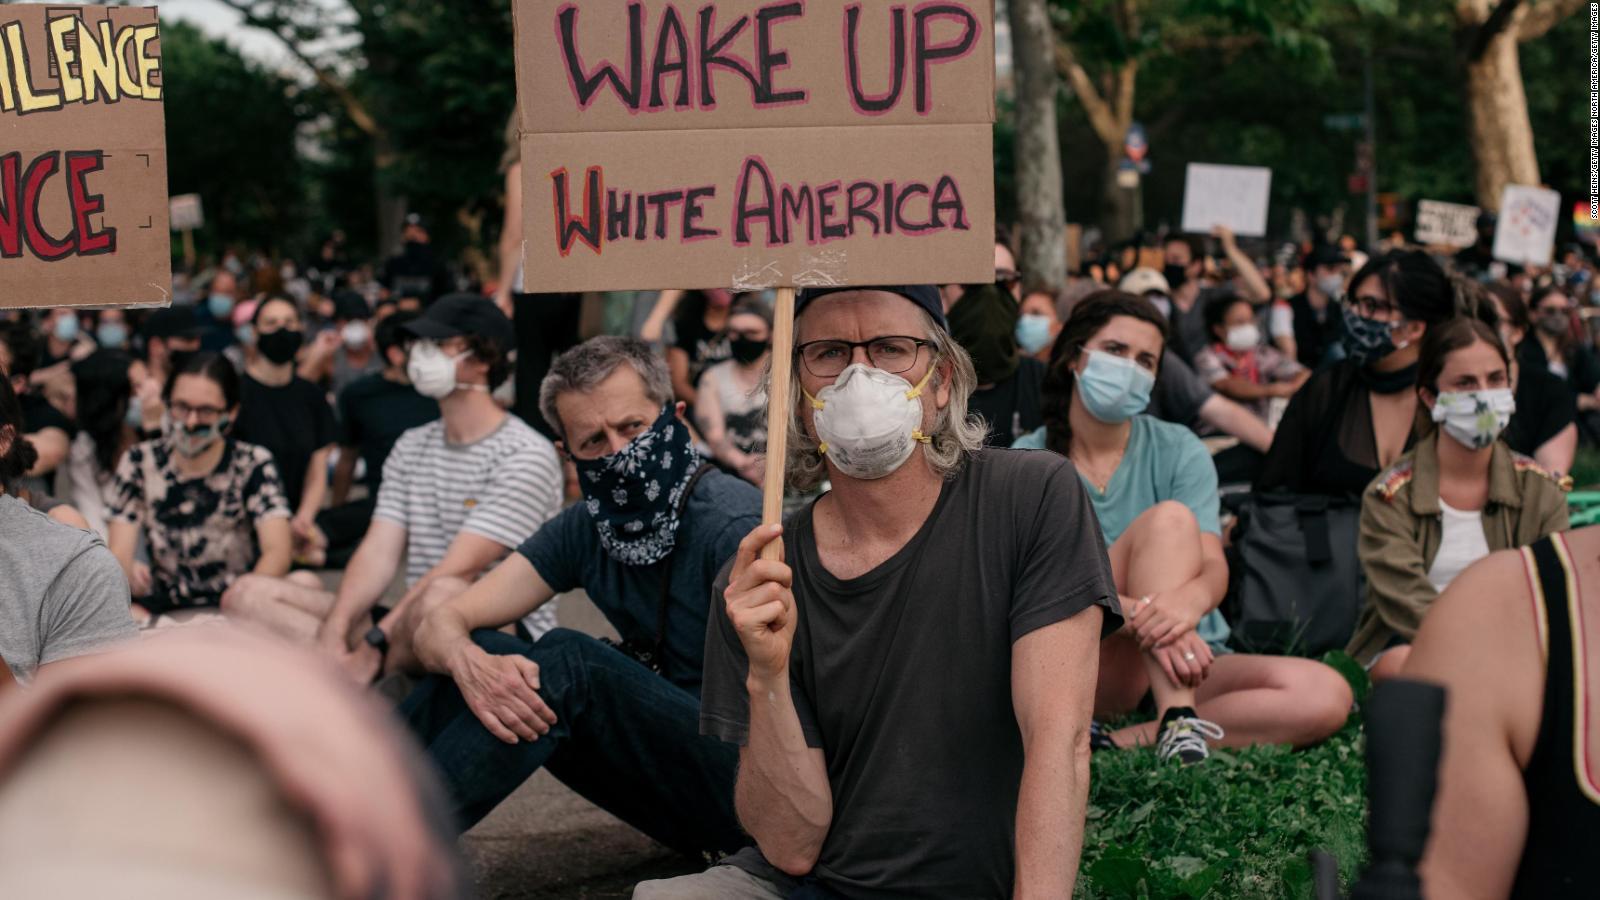 OPINIÓN | ¿Es posible una protesta pacífica en EE.UU.?